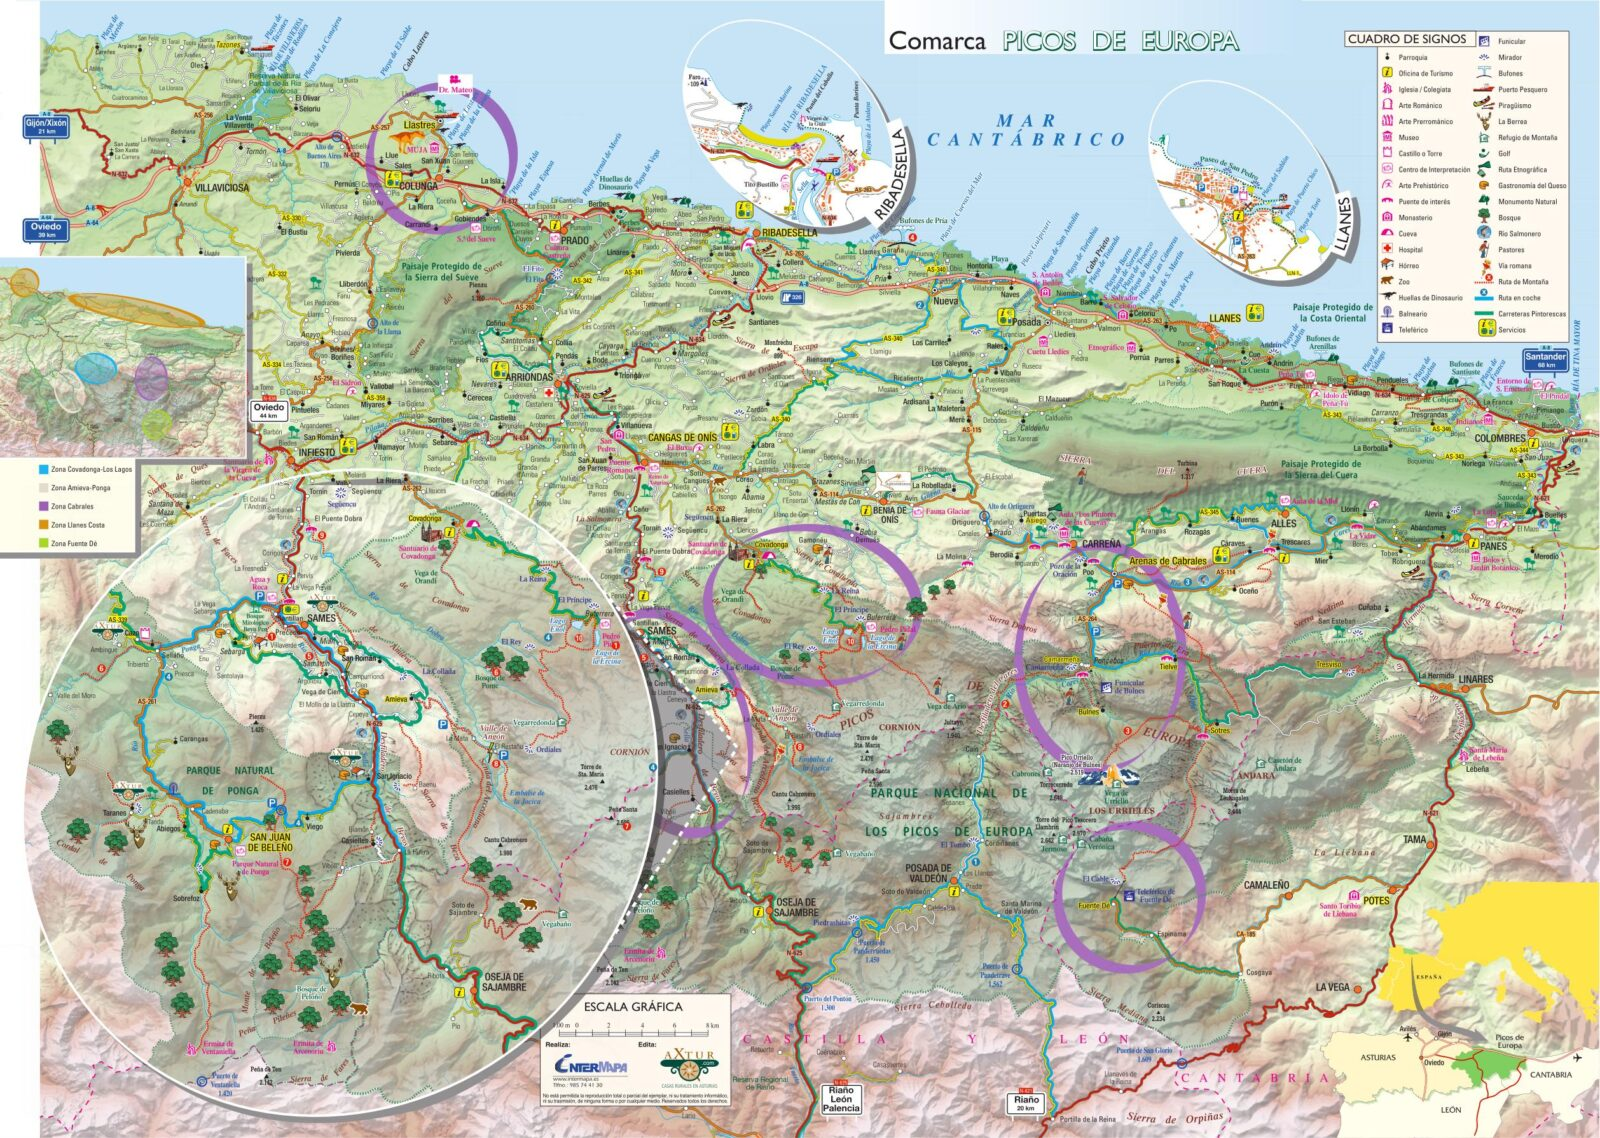 Alojamientos en Picos de Europa. Mapa